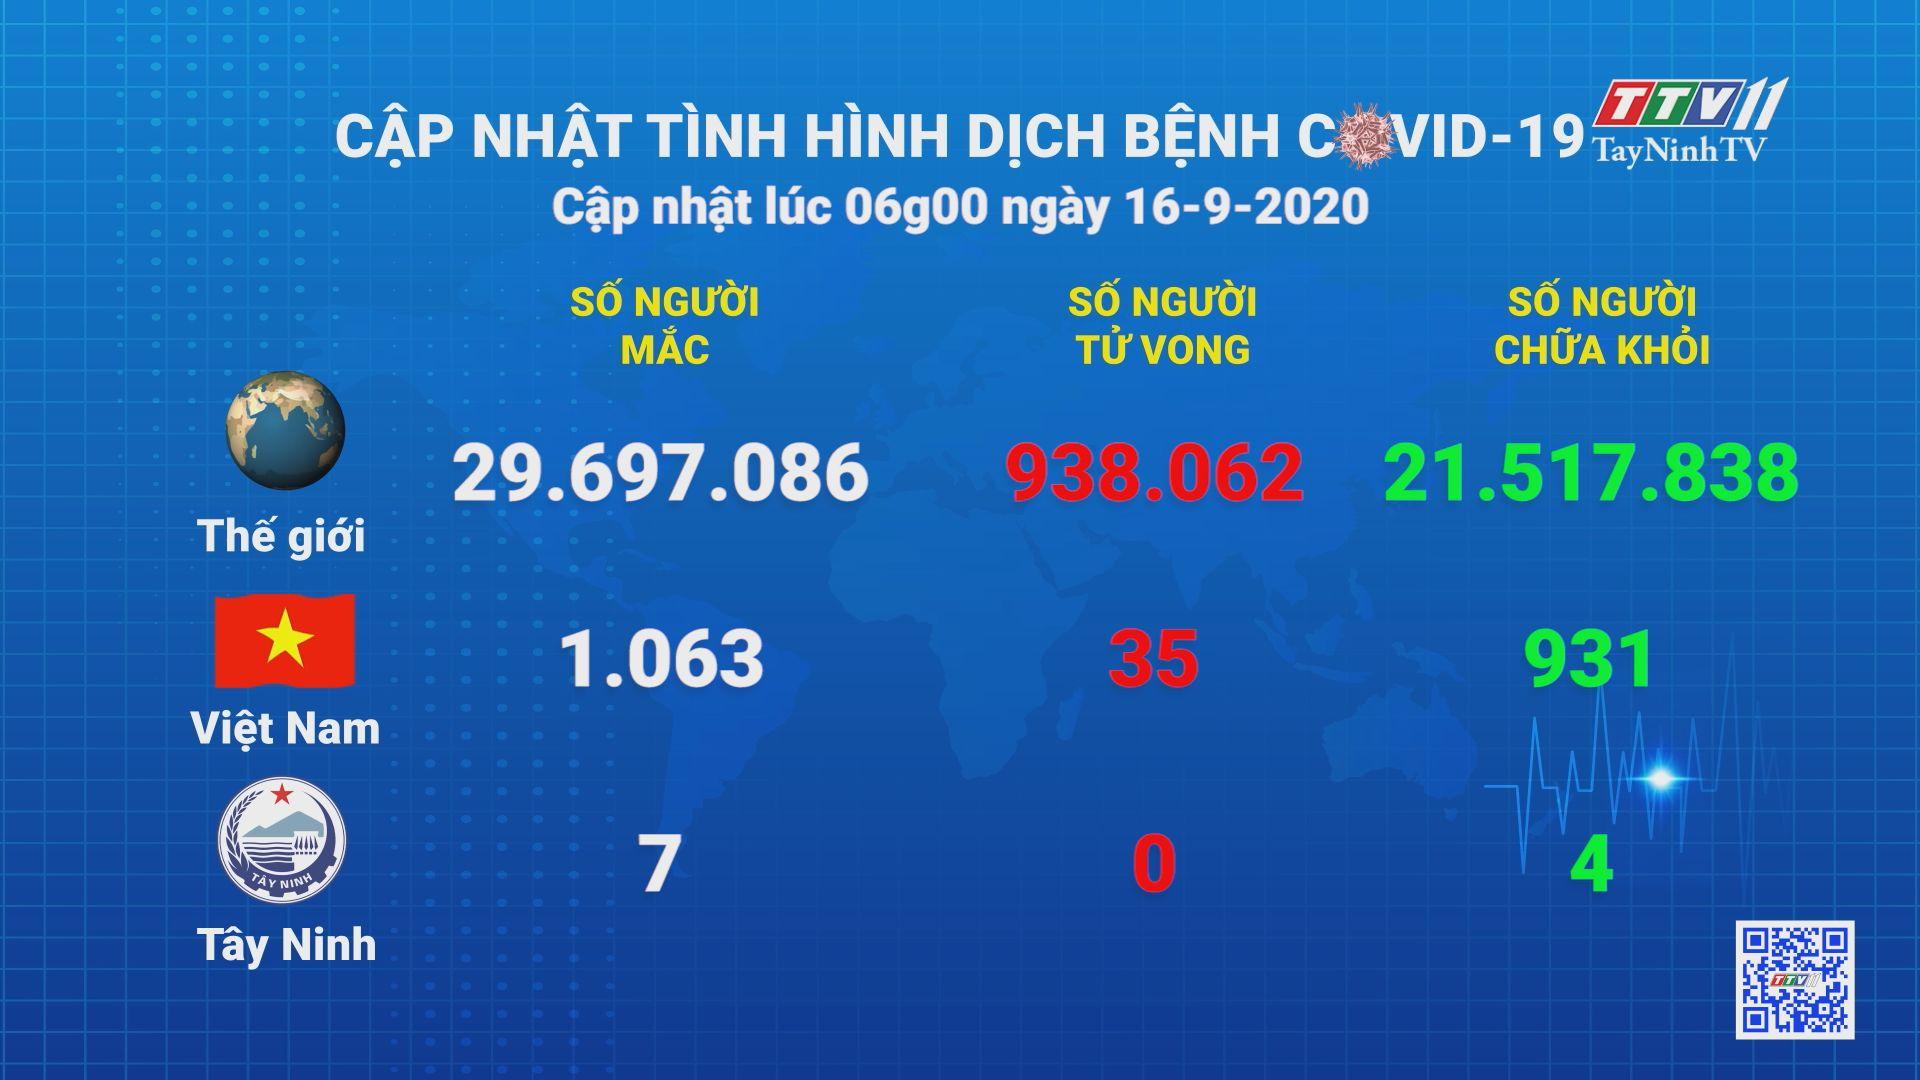 Cập nhật tình hình Covid-19 vào lúc 06 giờ 16-9-2020 | Thông tin dịch Covid-19 | TayNinhTV